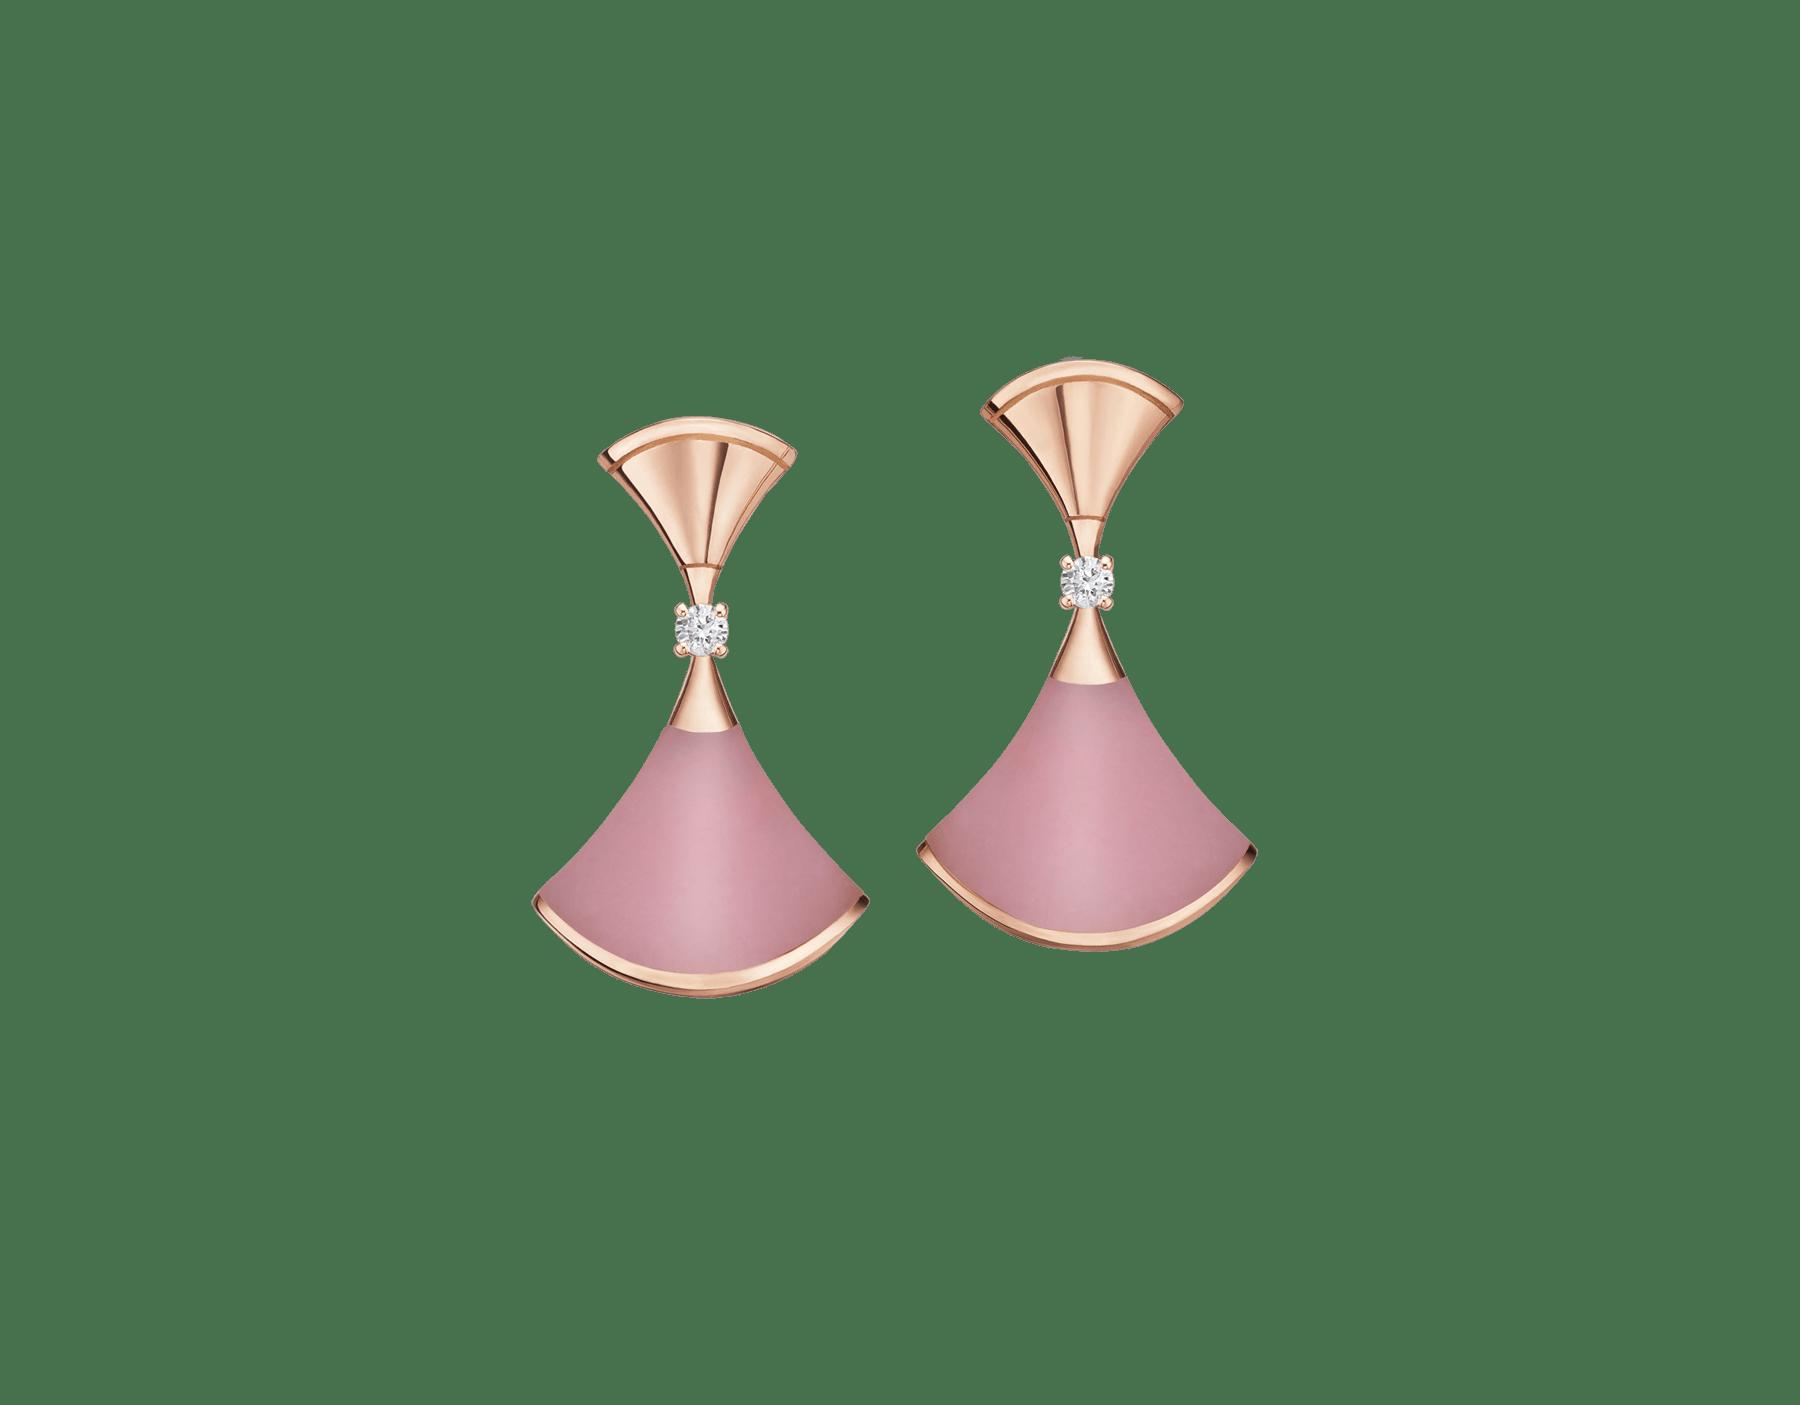 日本先行発売のディーヴァ ドリーム イヤリング。ピンクオパールのインサート、パヴェダイヤモンドをあしらった18Kピンクゴールド製。 357862 image 2